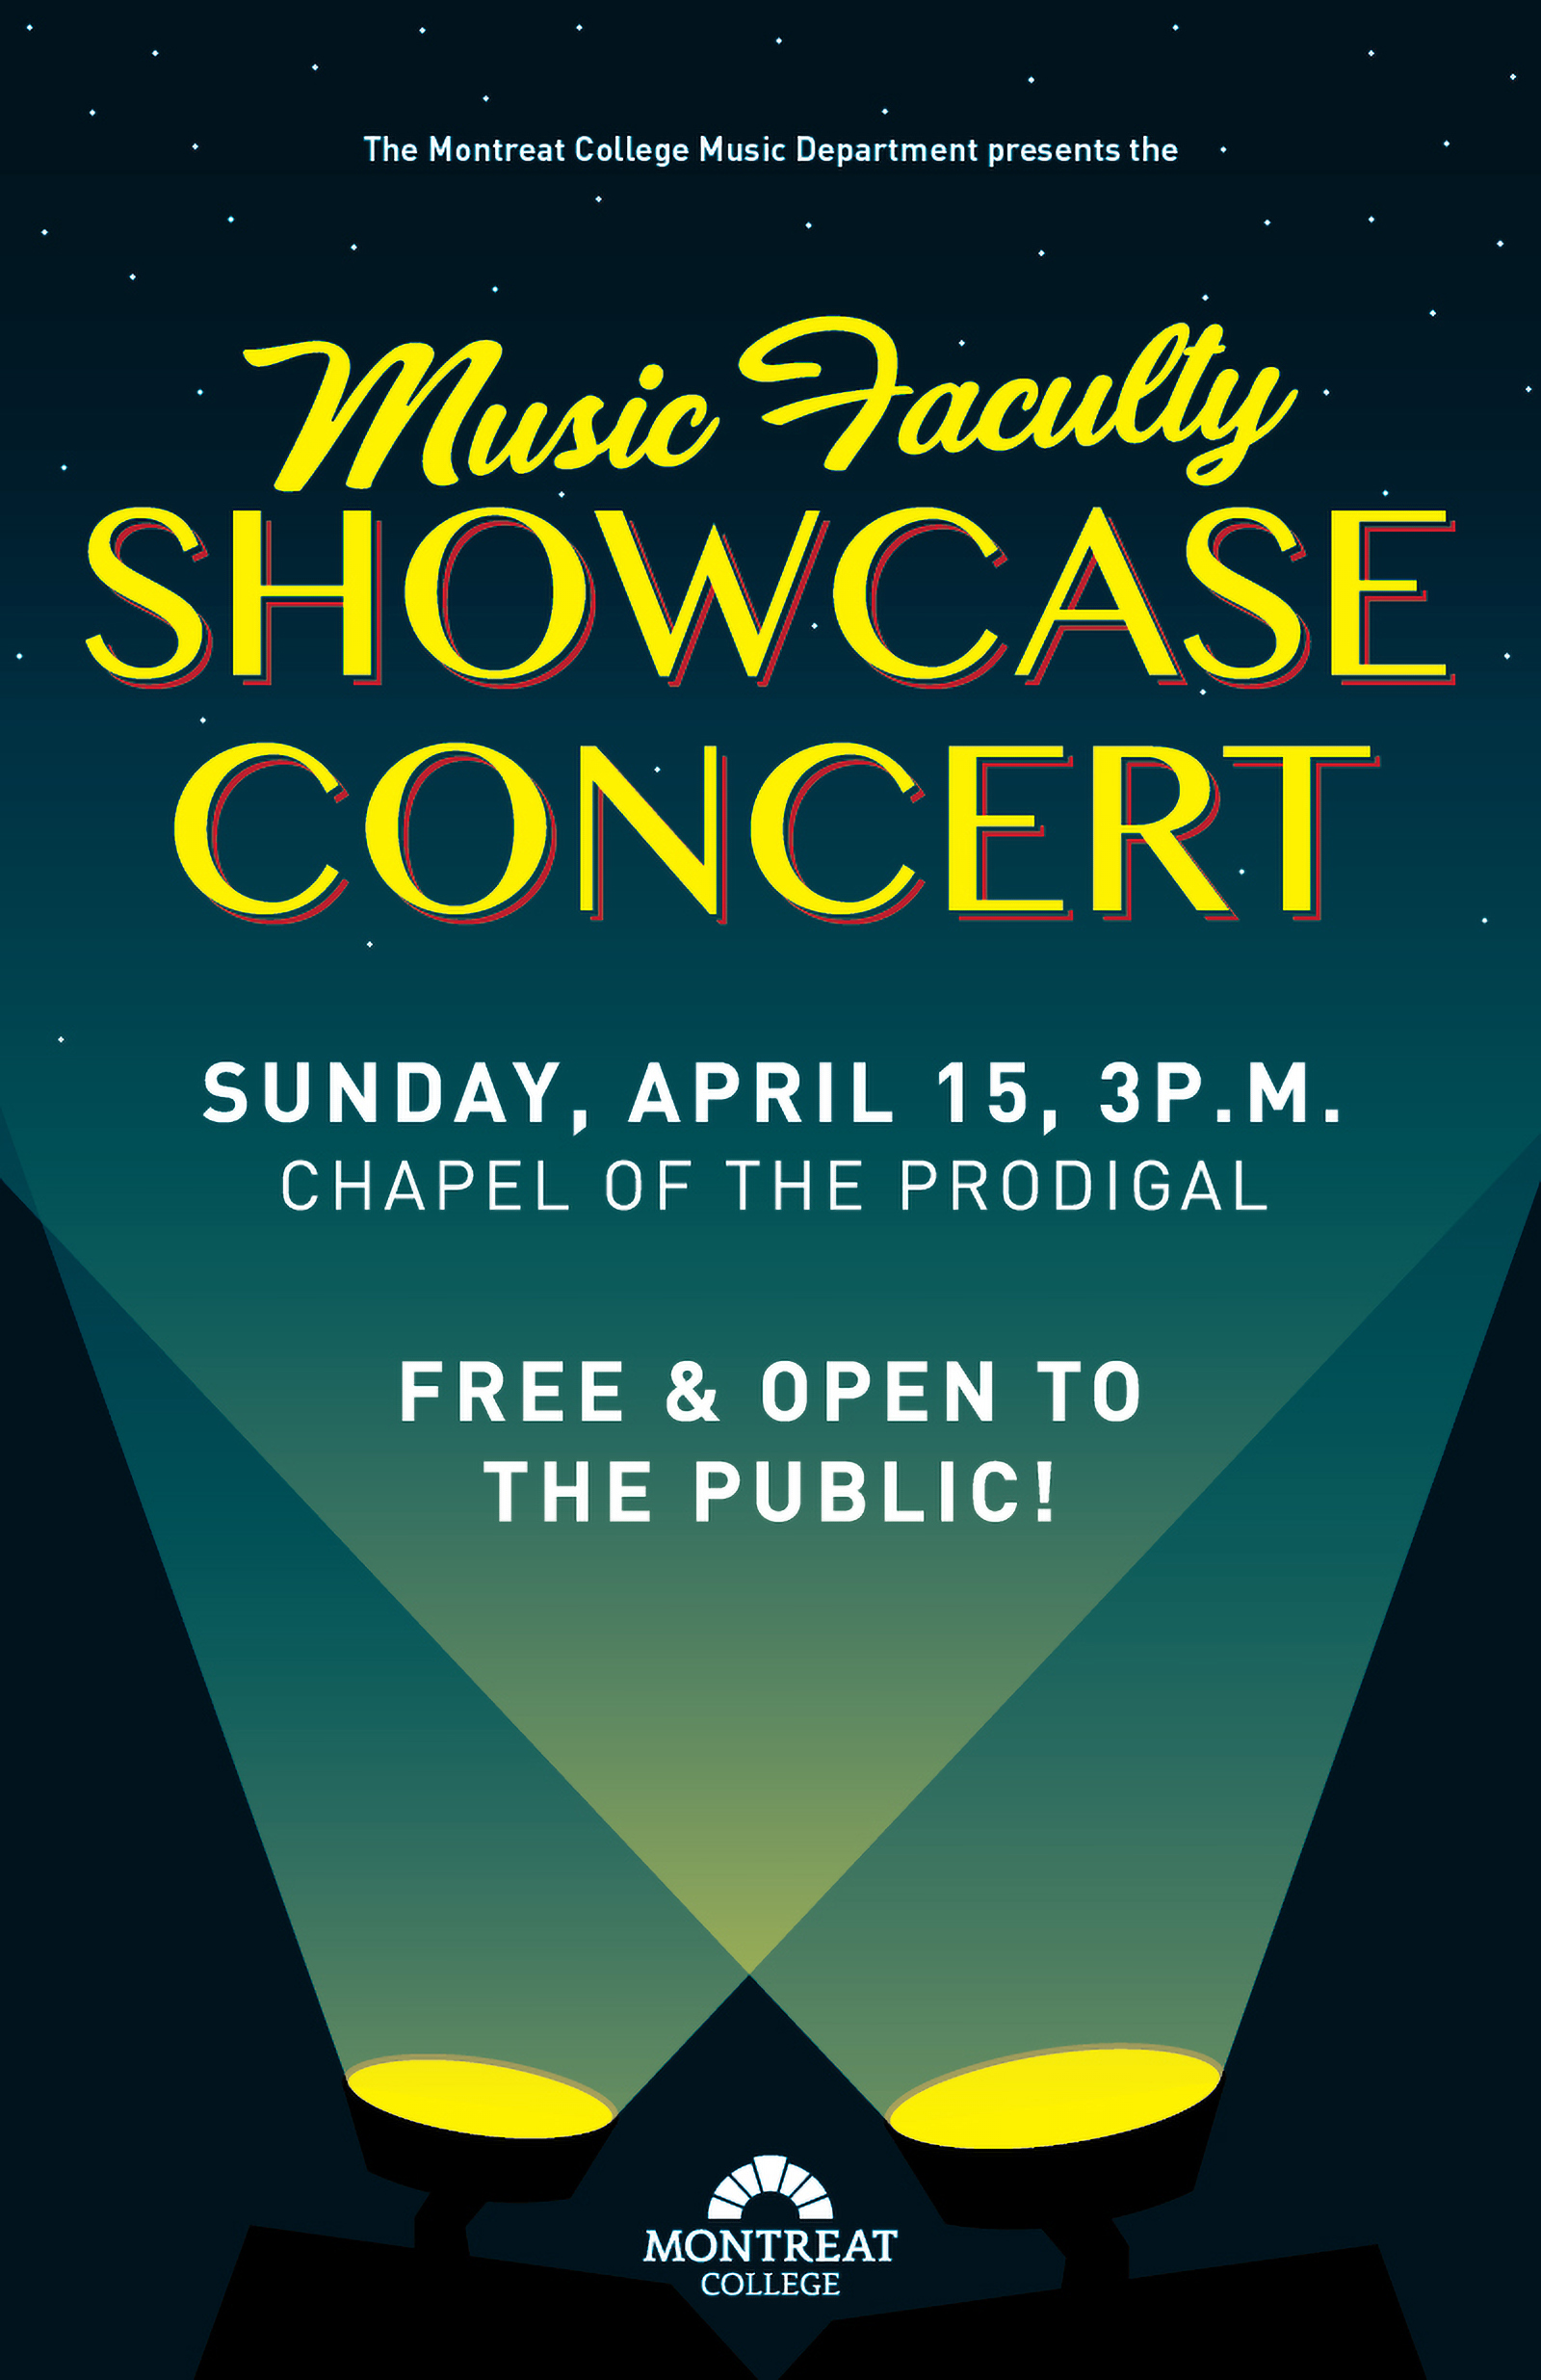 Faculty_Showcase_Concert_Poster_v1-01.jpg